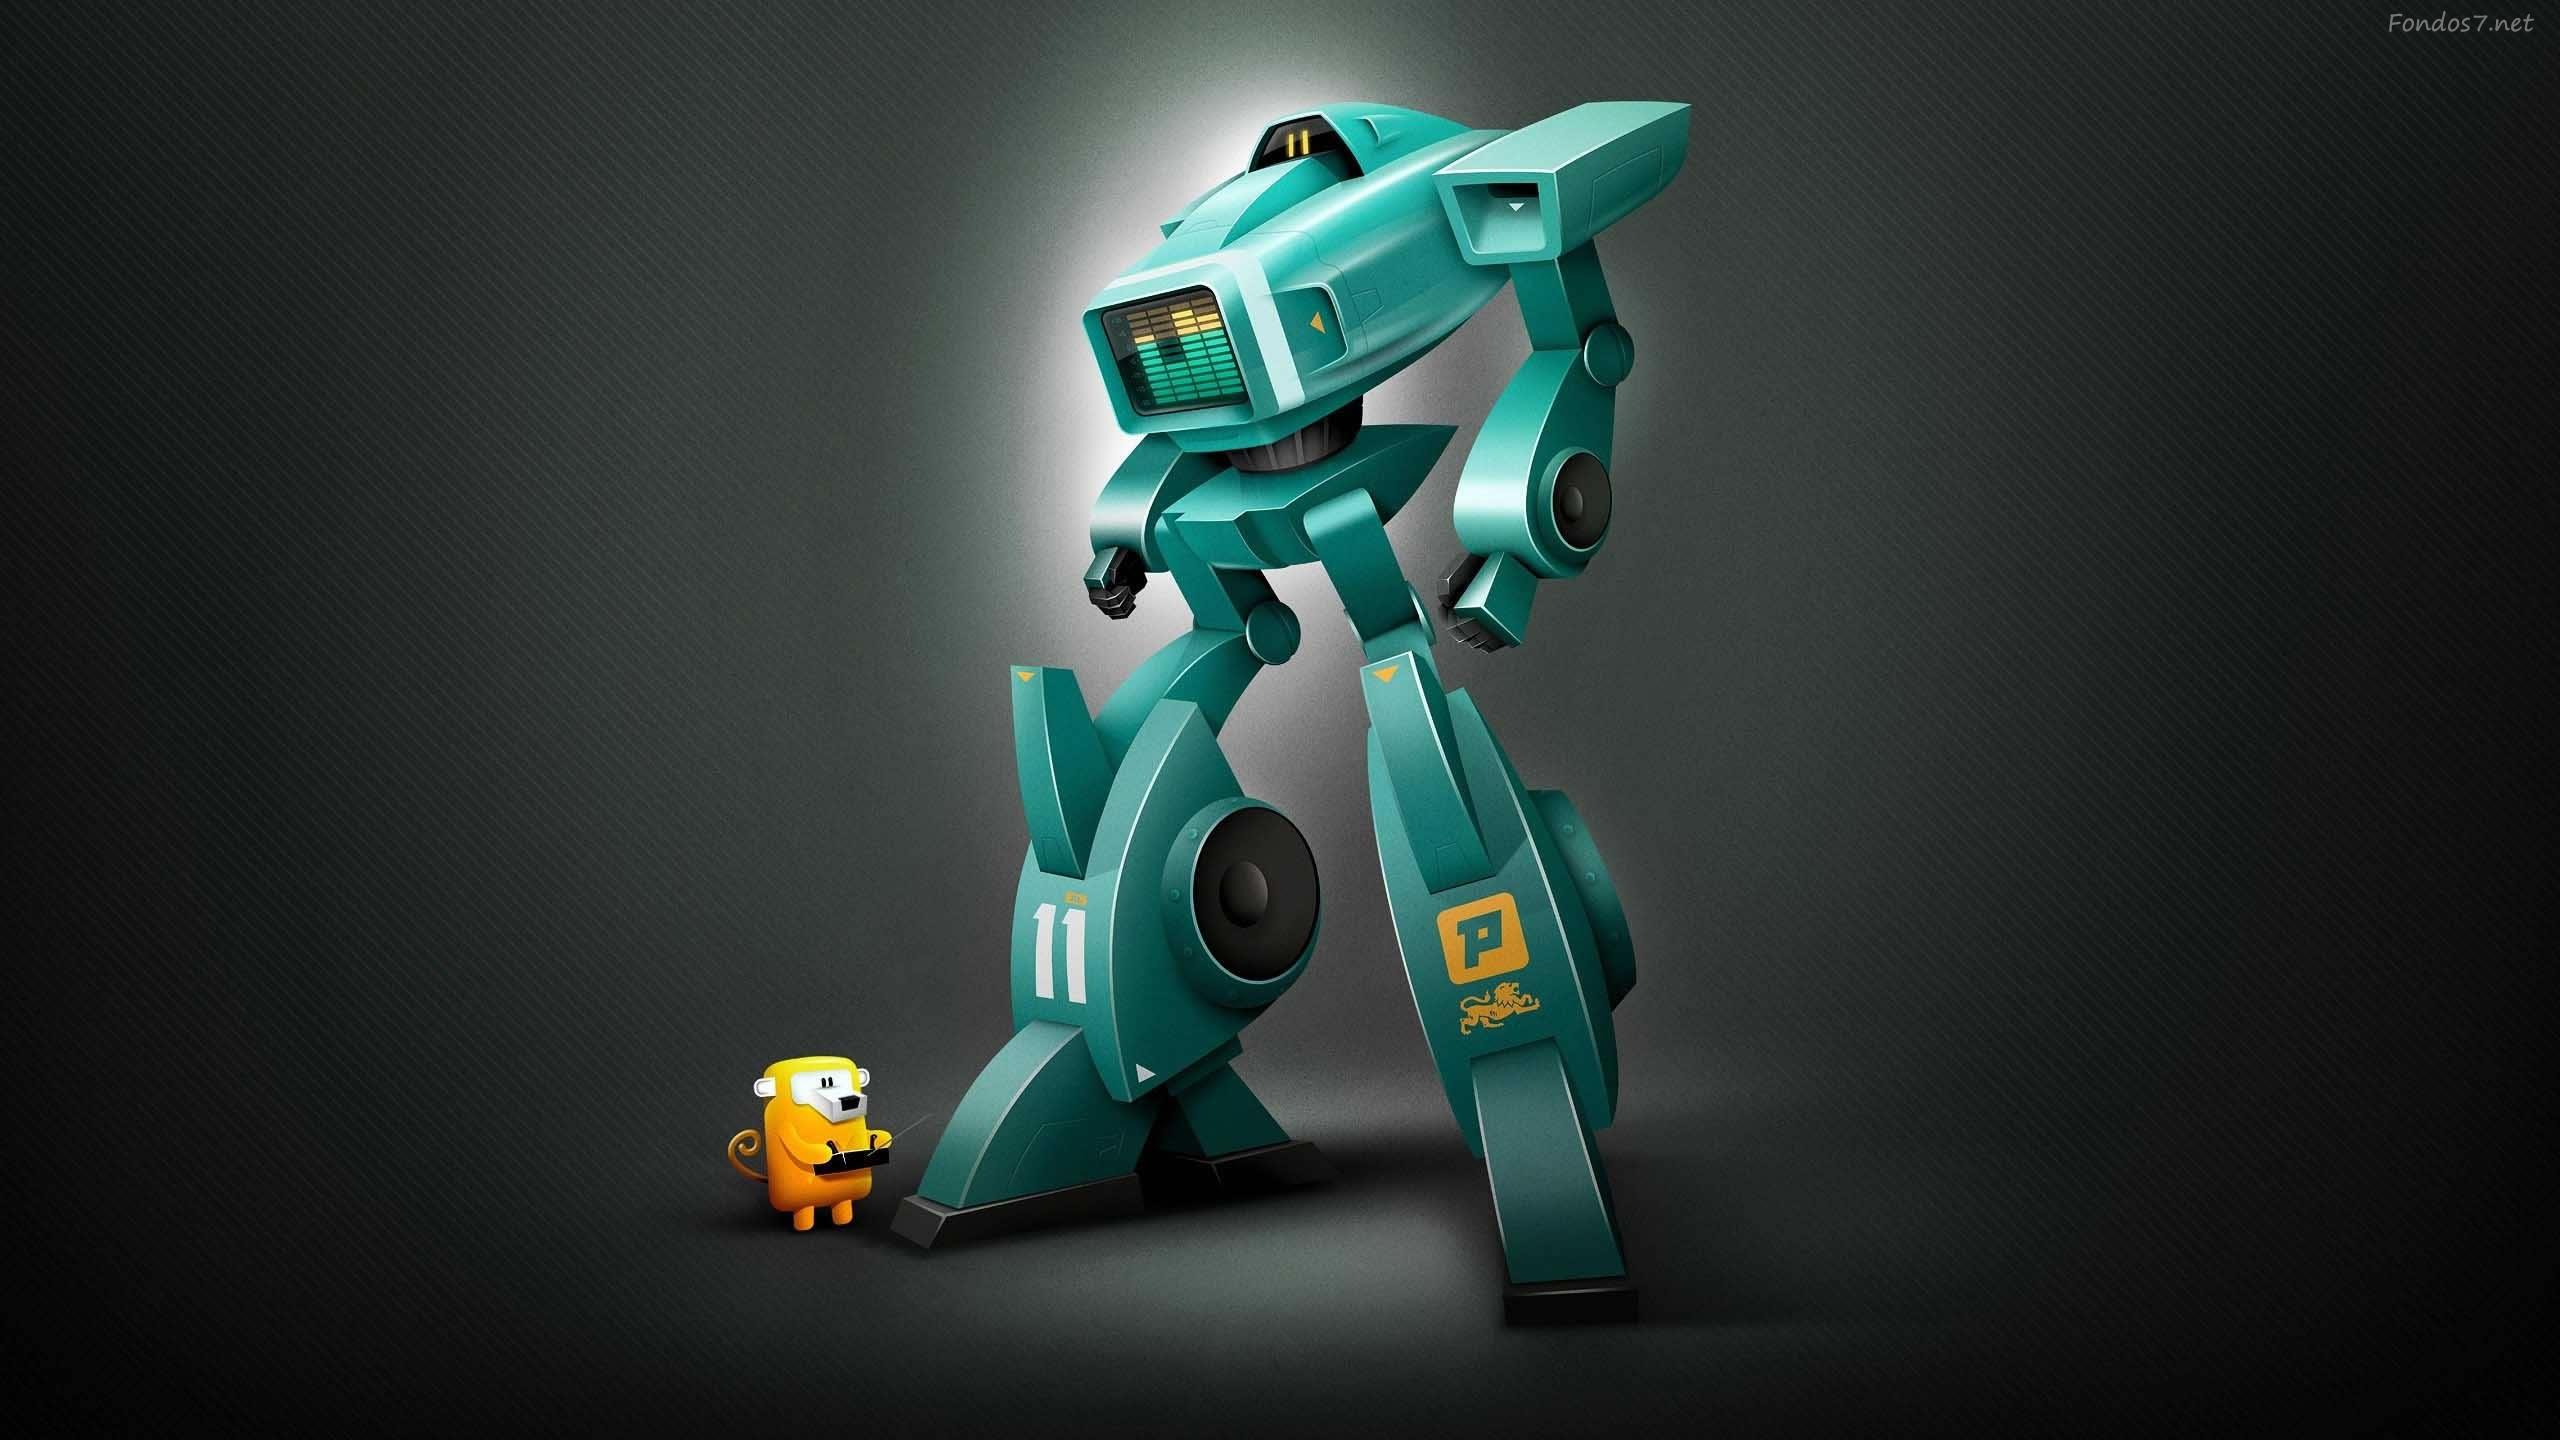 Машина робот графика  № 1641975 бесплатно